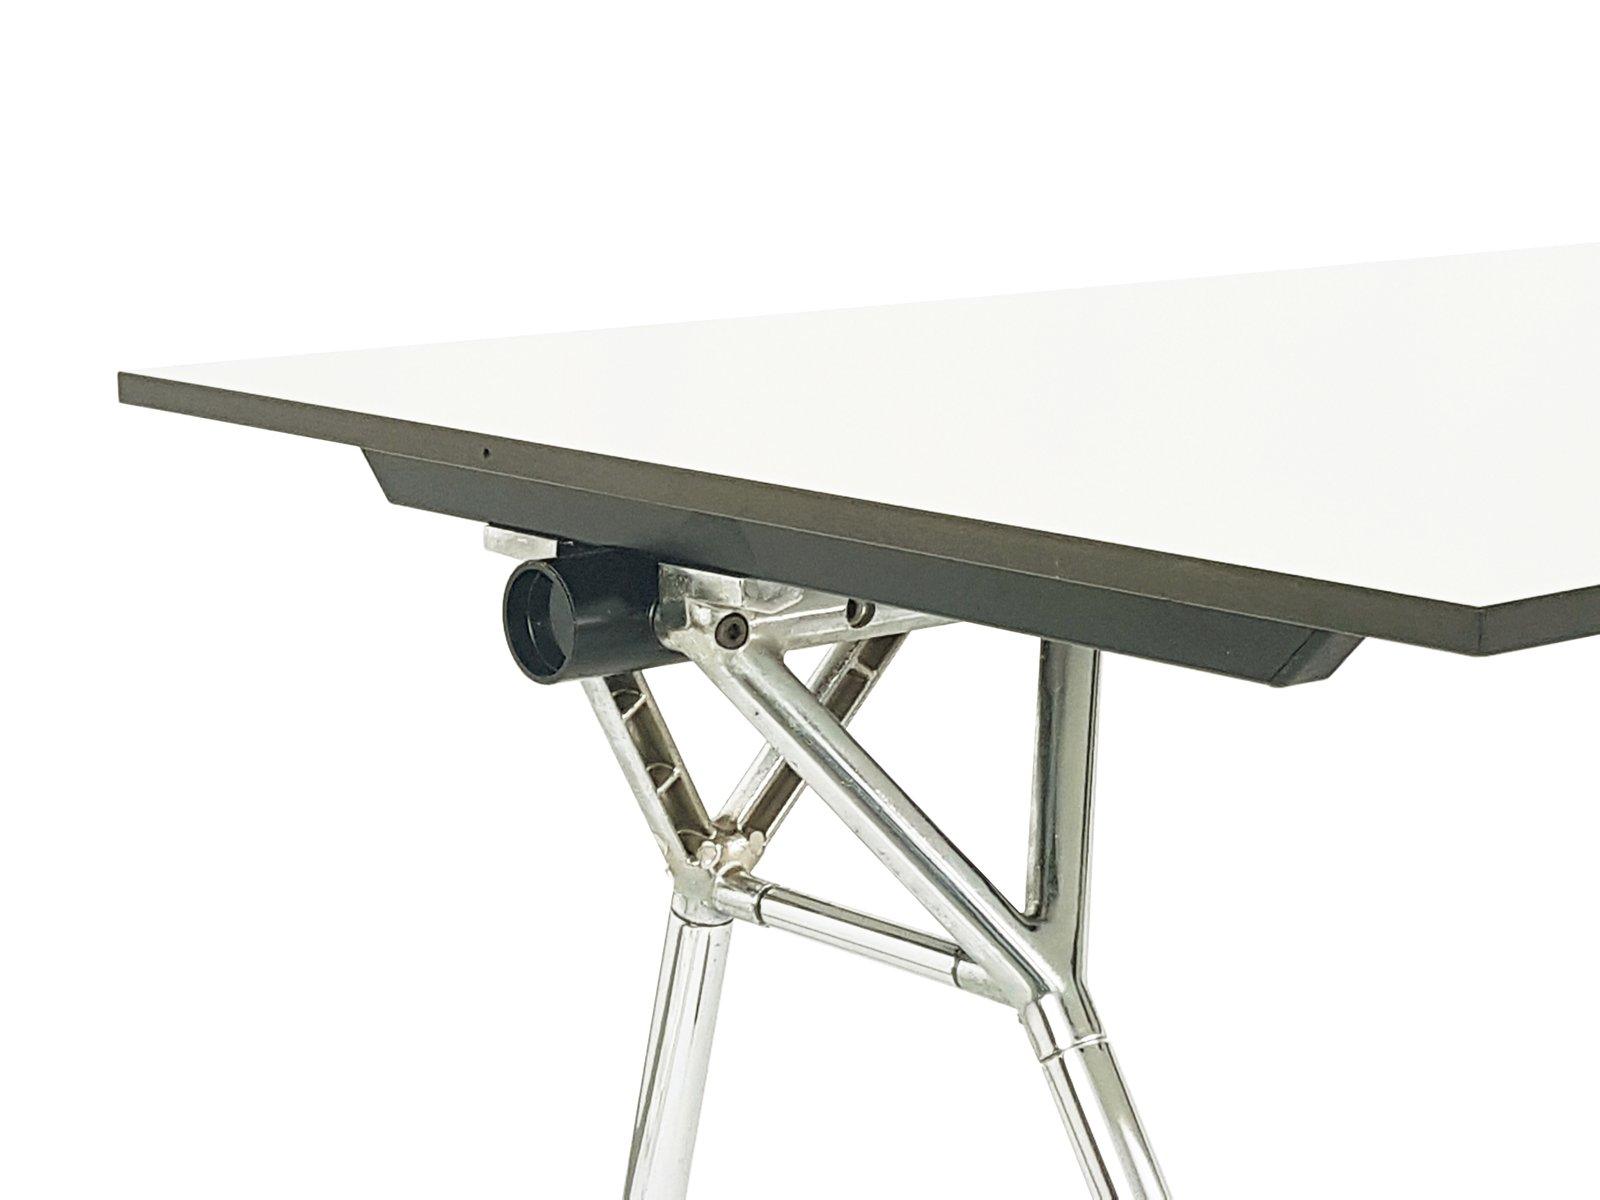 nomos schreibtisch aus verchromtem metall wei laminiertem kunststoff von norman foster f r. Black Bedroom Furniture Sets. Home Design Ideas